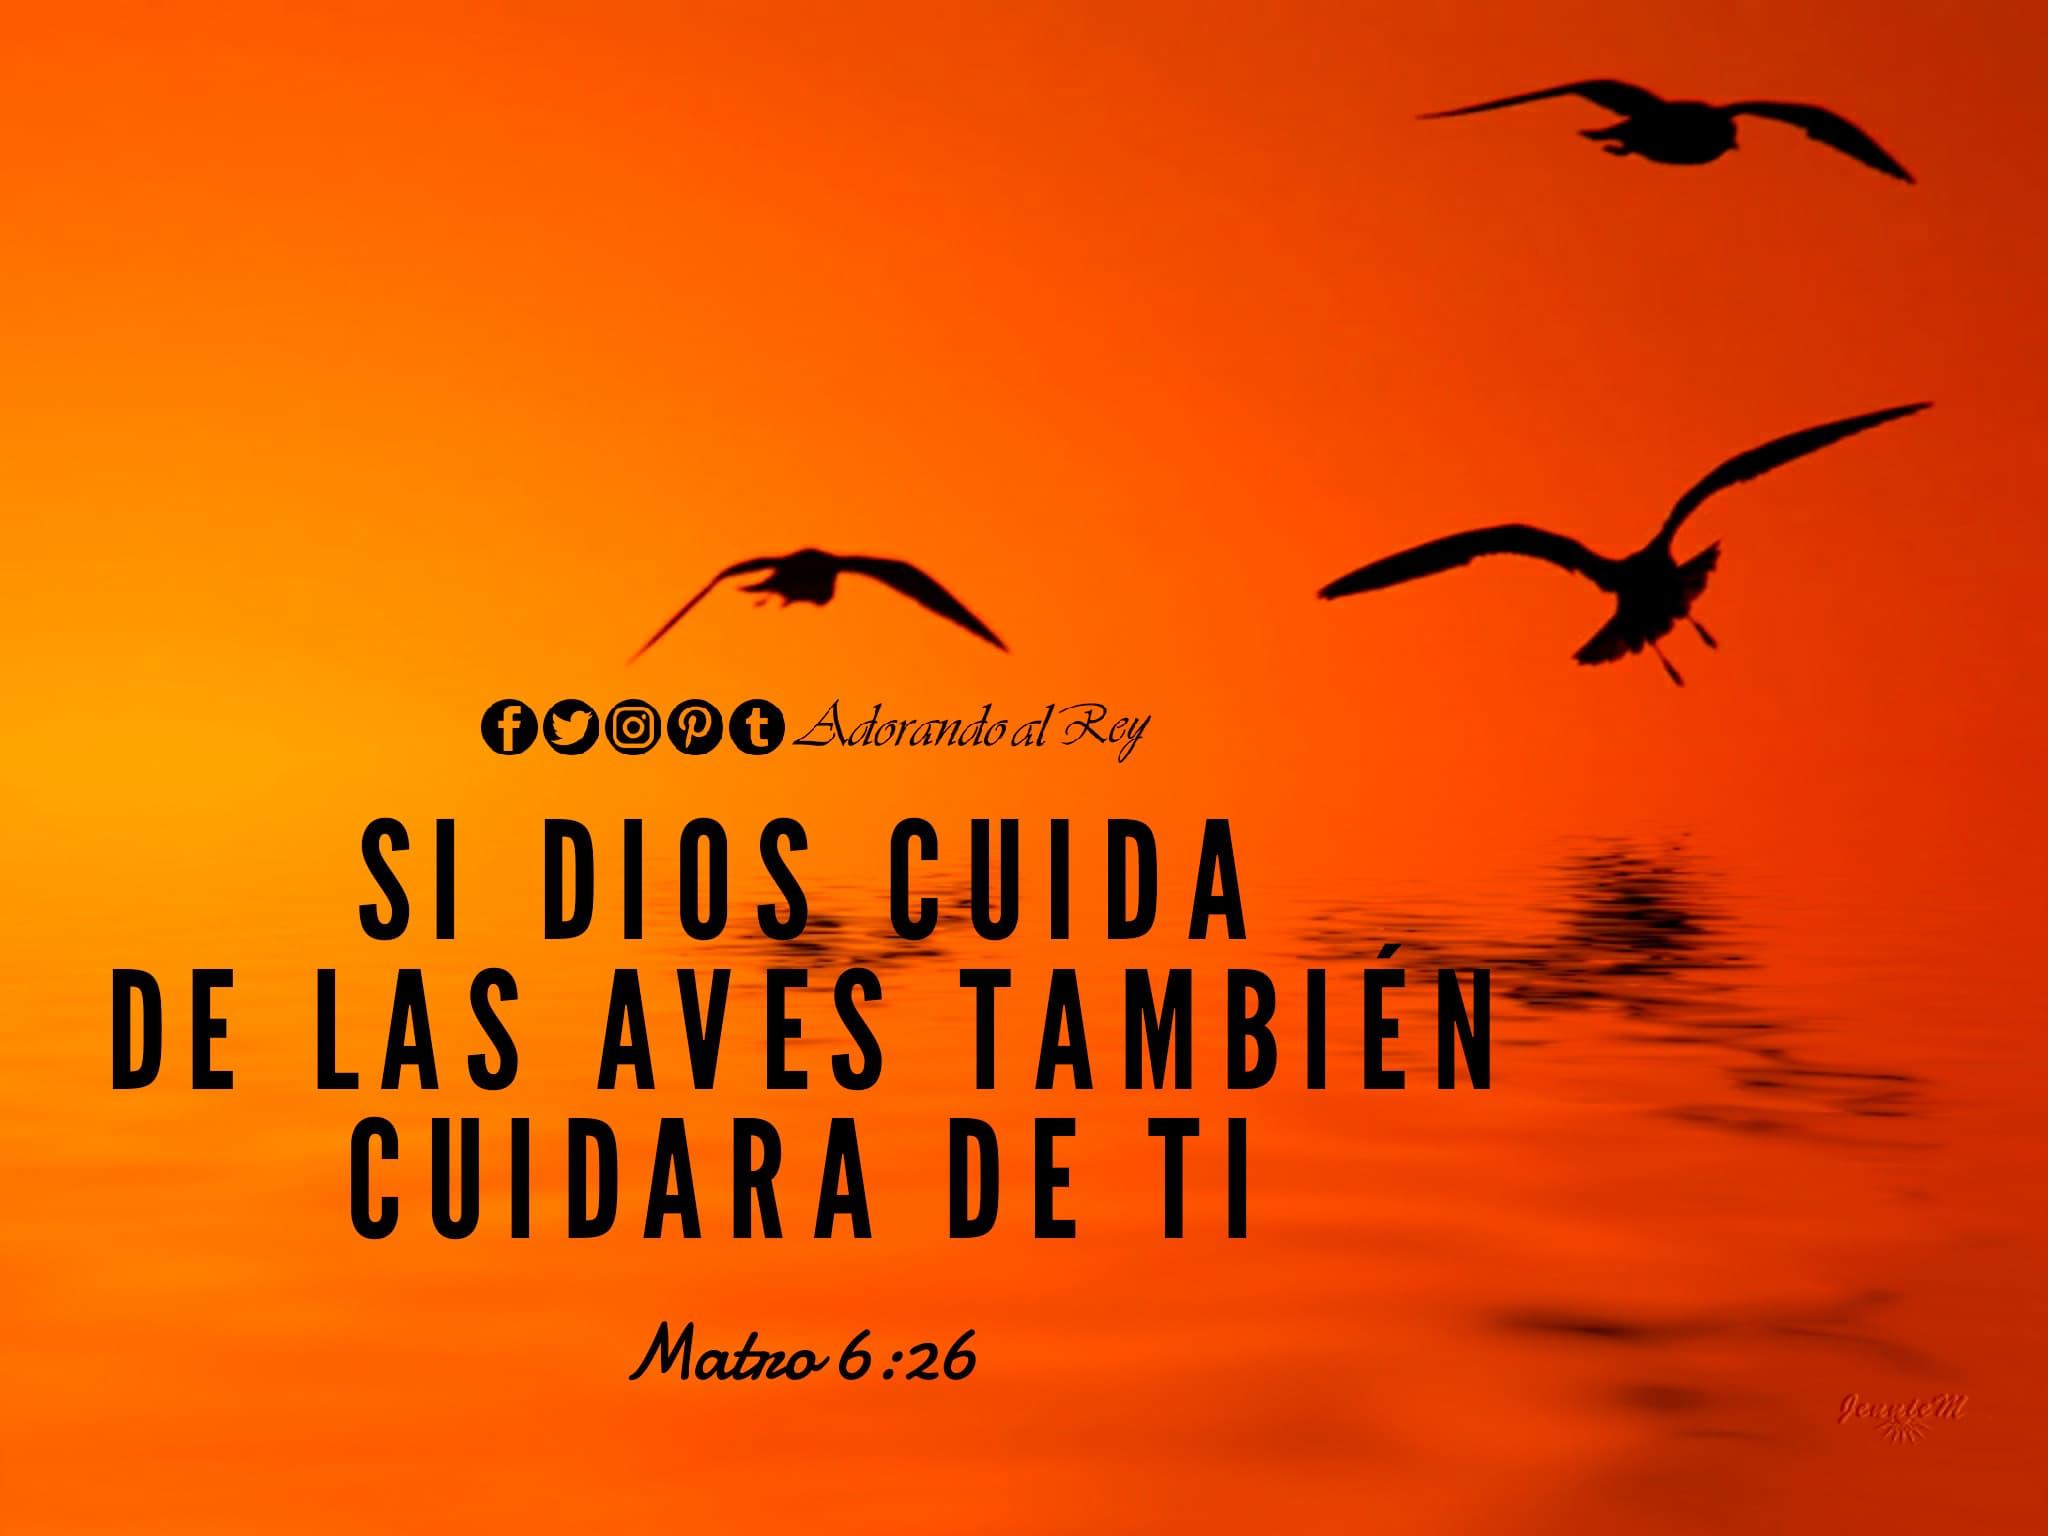 Mateo 6:26